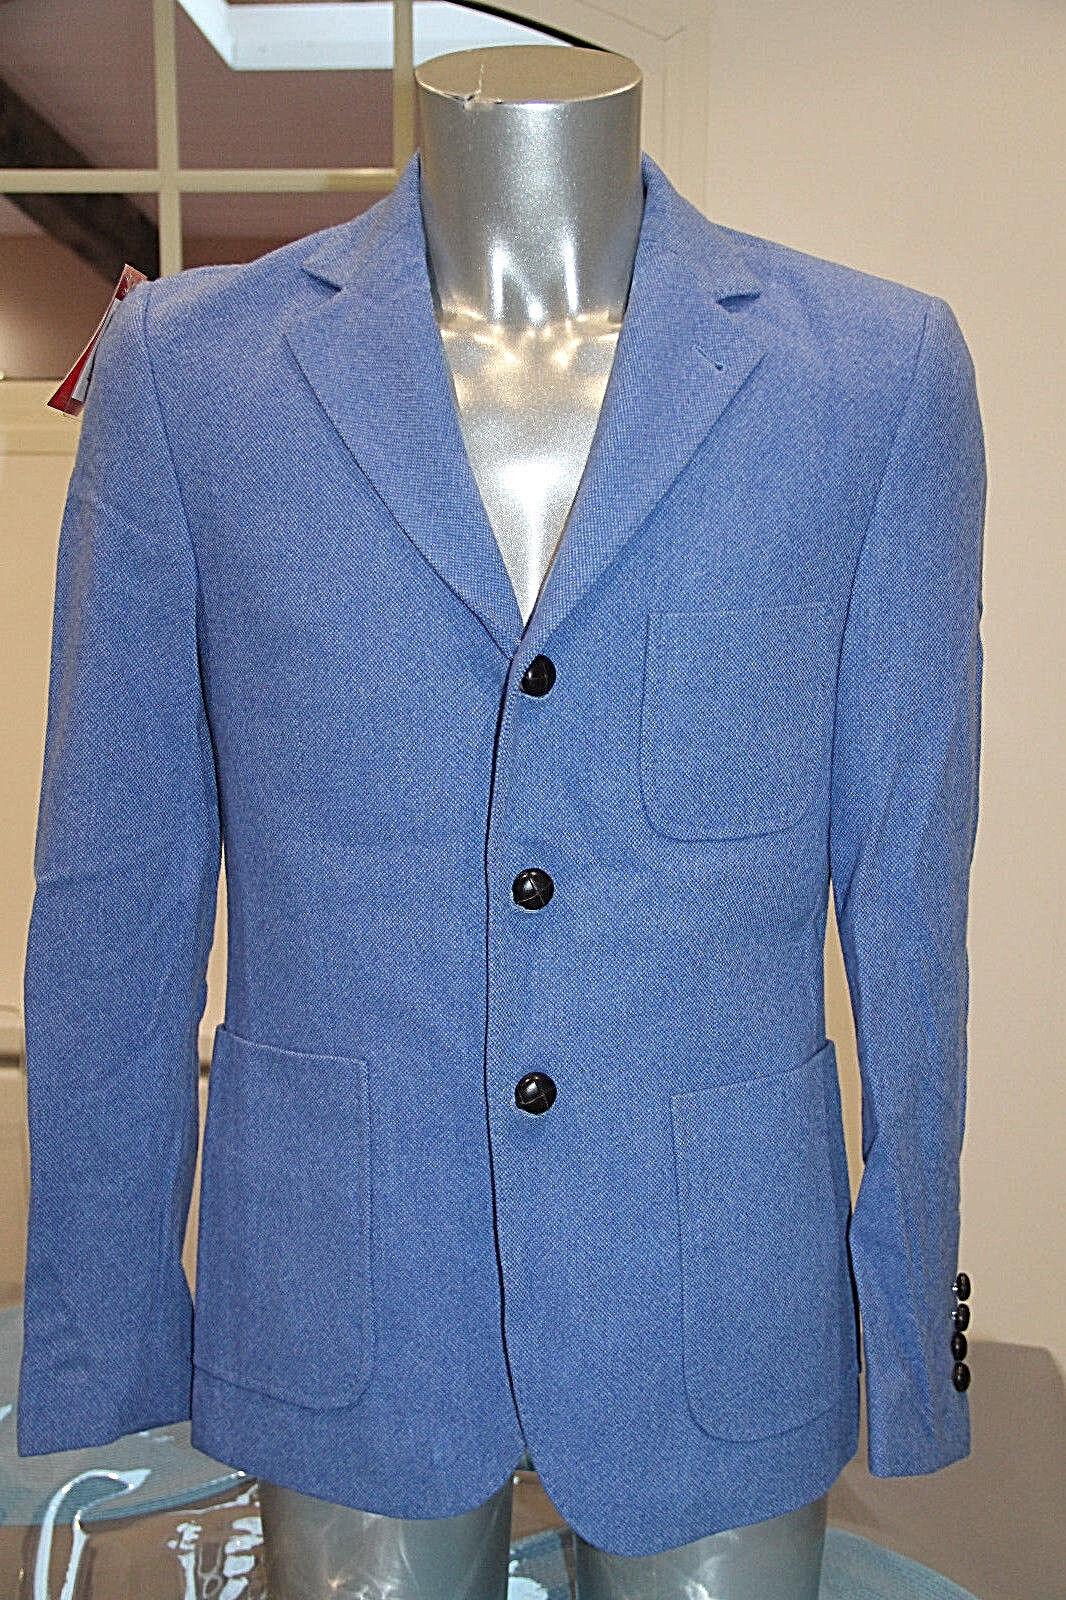 Luxueuse veste en laine tissée bleu pour homme VICOMTE A. Taille 46 neuve